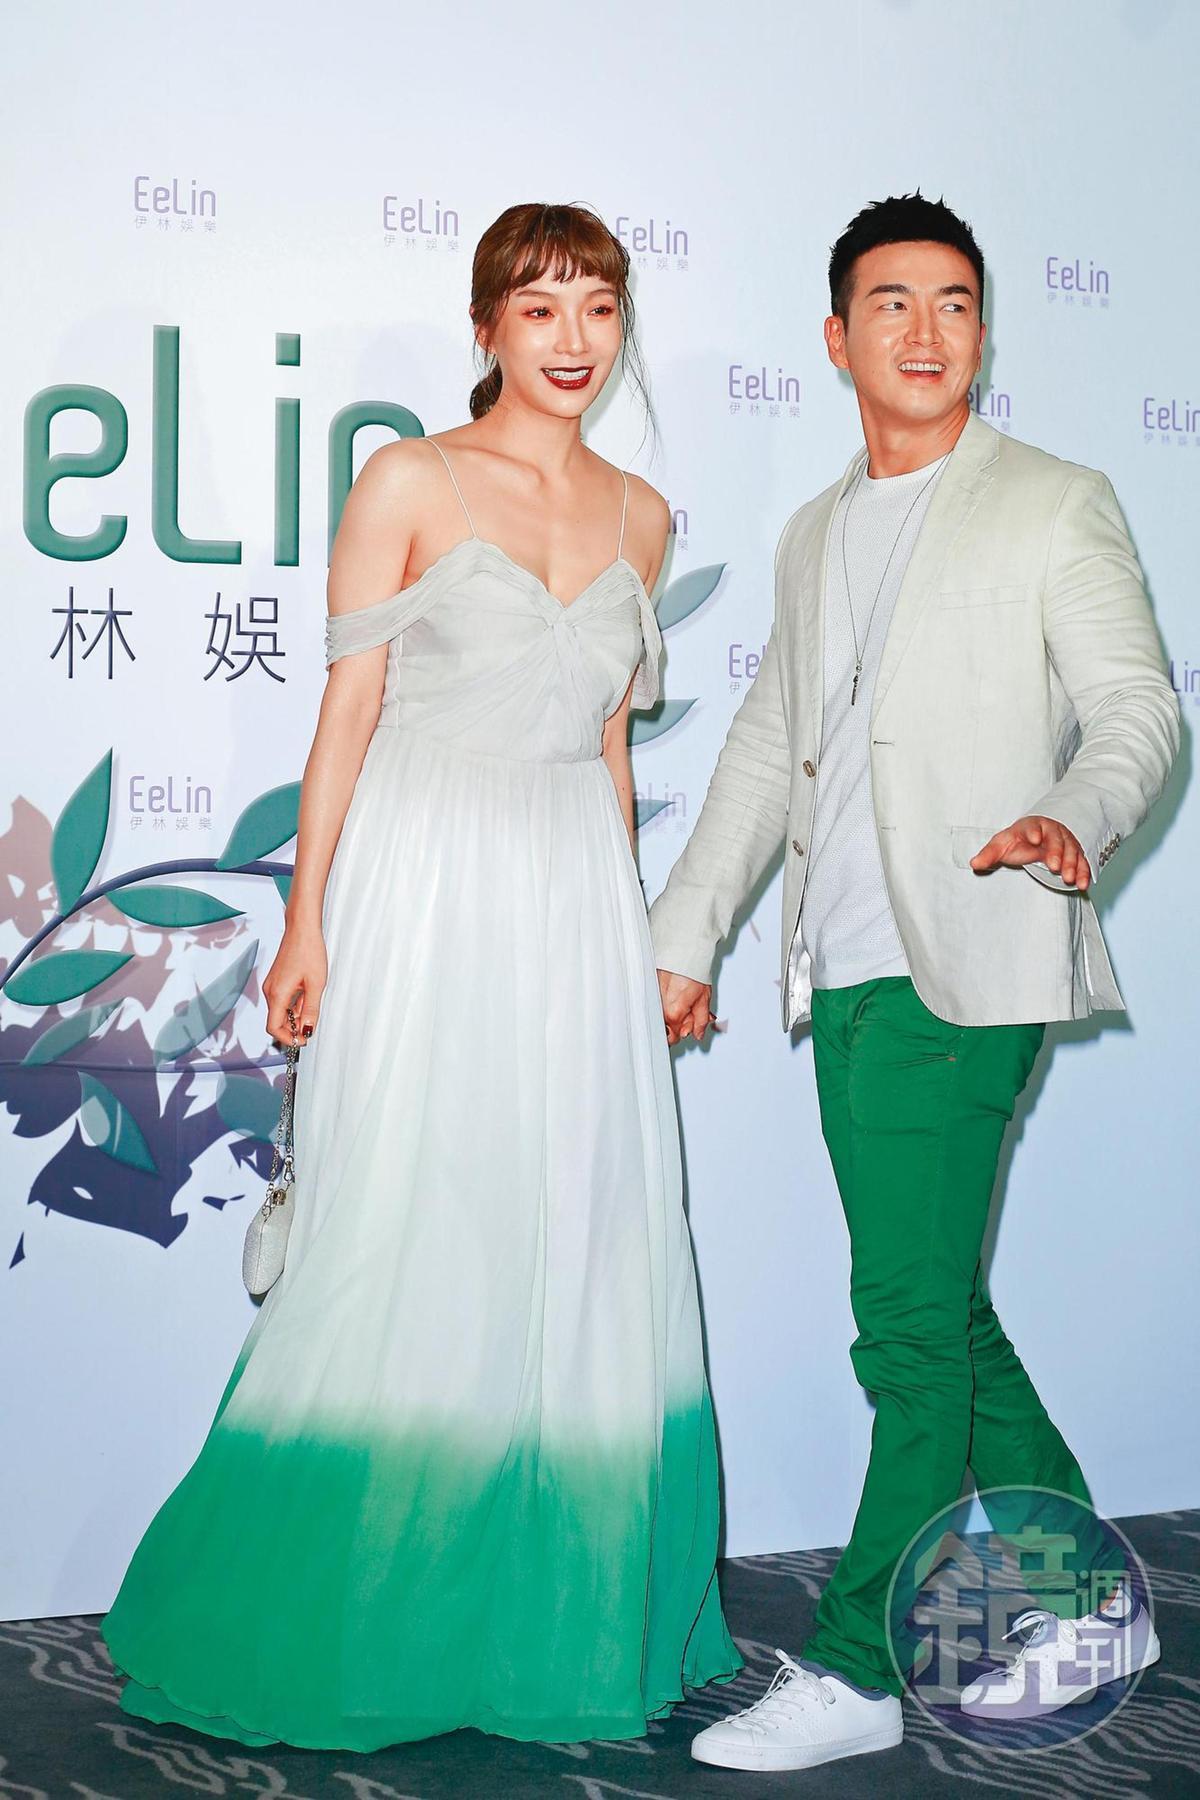 李沛旭和蔡淑臻(左)情牽8年,男方在今年伊林尾牙時,坦承已分手。